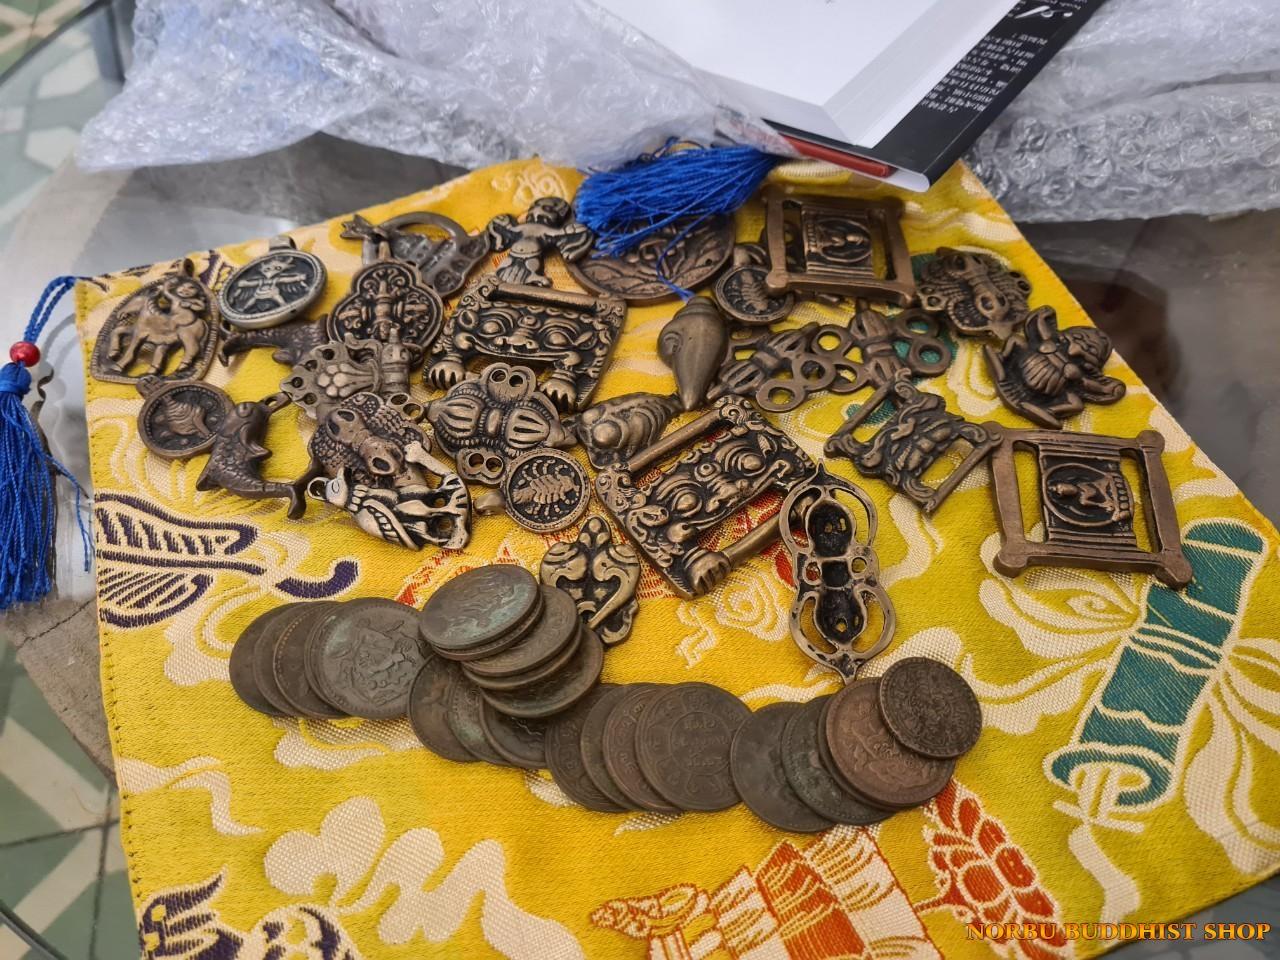 Thokcha bùa hộ mệnh xứ Tây Tạng Bí mật Thogcha Amulets mà bạn cần biết 11